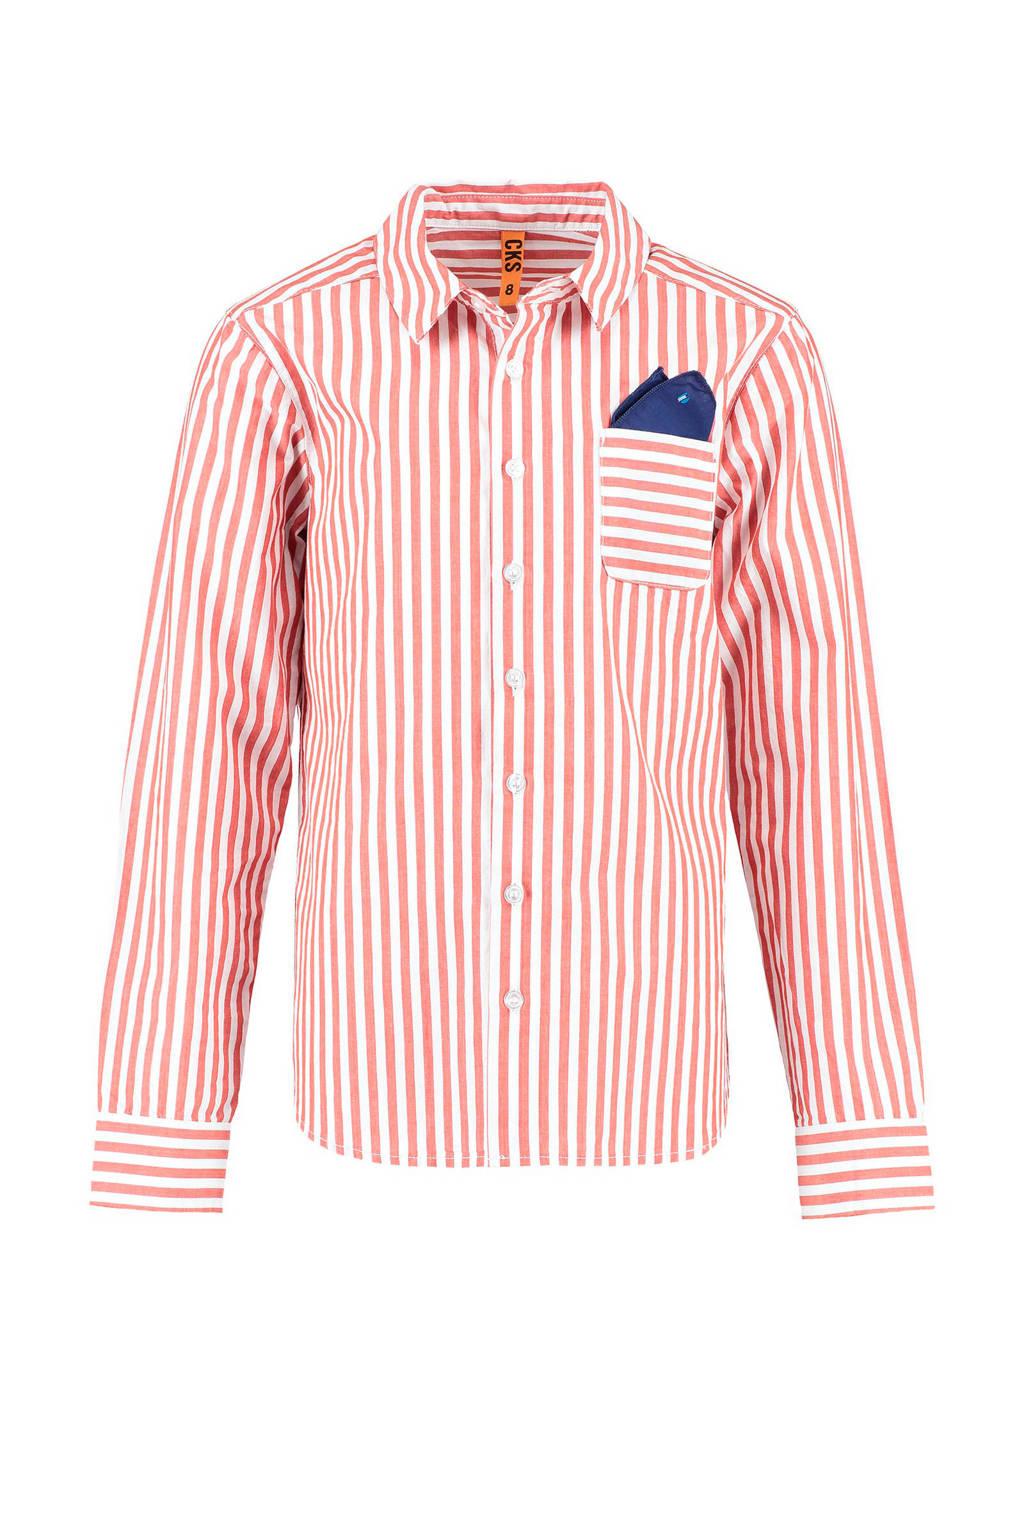 CKS KIDS gestreept overhemd Bouters rood, Rood/wit